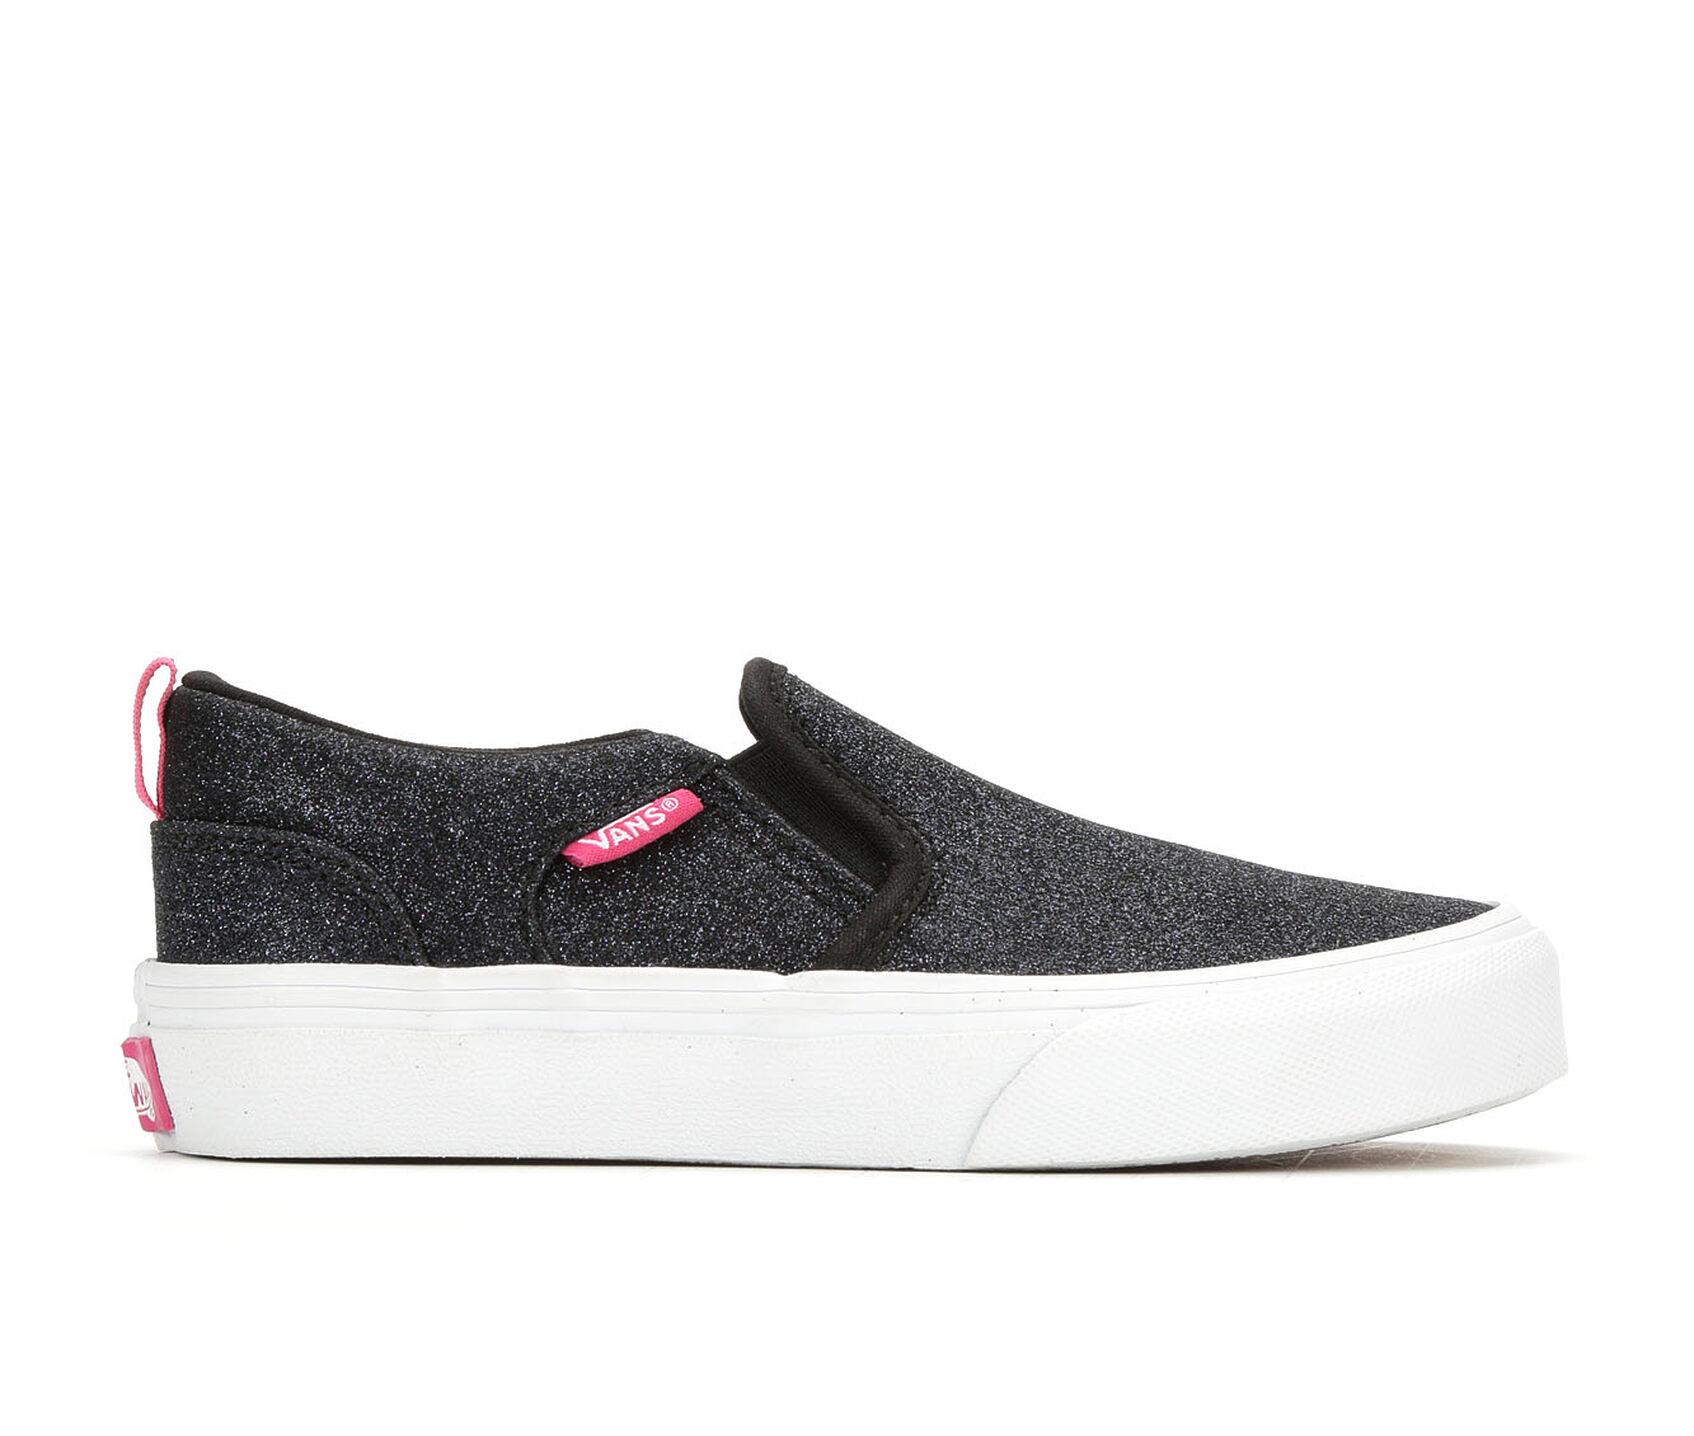 Girls' Vans Little Kid & Big Kid Asher Slip-On Skate Shoes ...